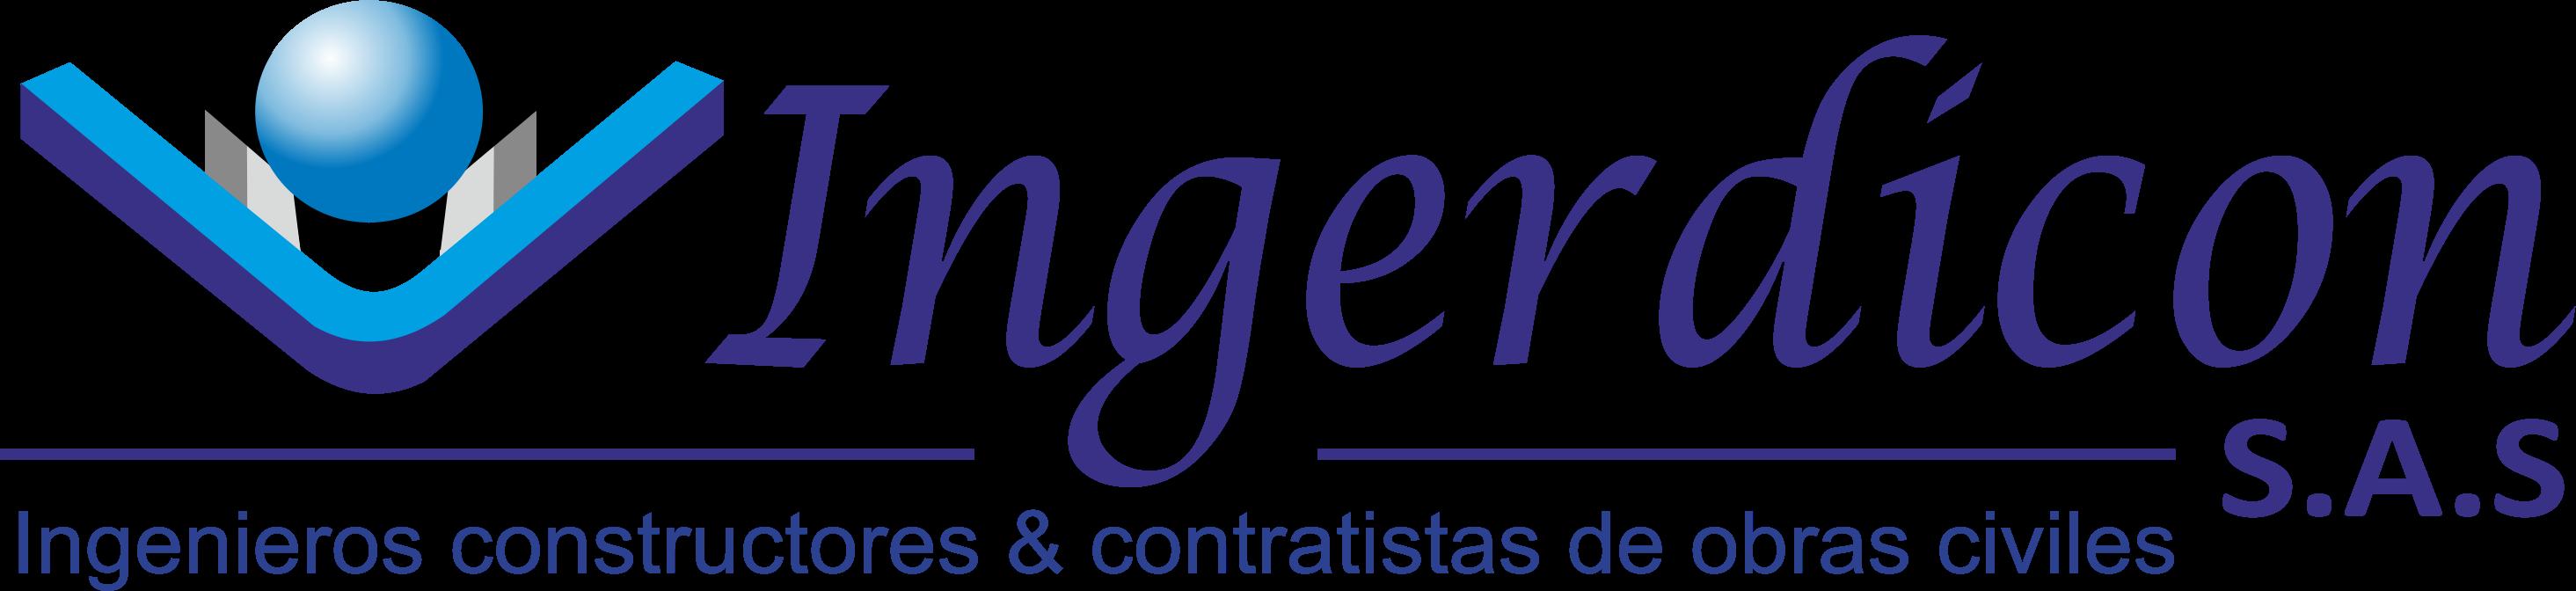 INGERDICON S.A.S